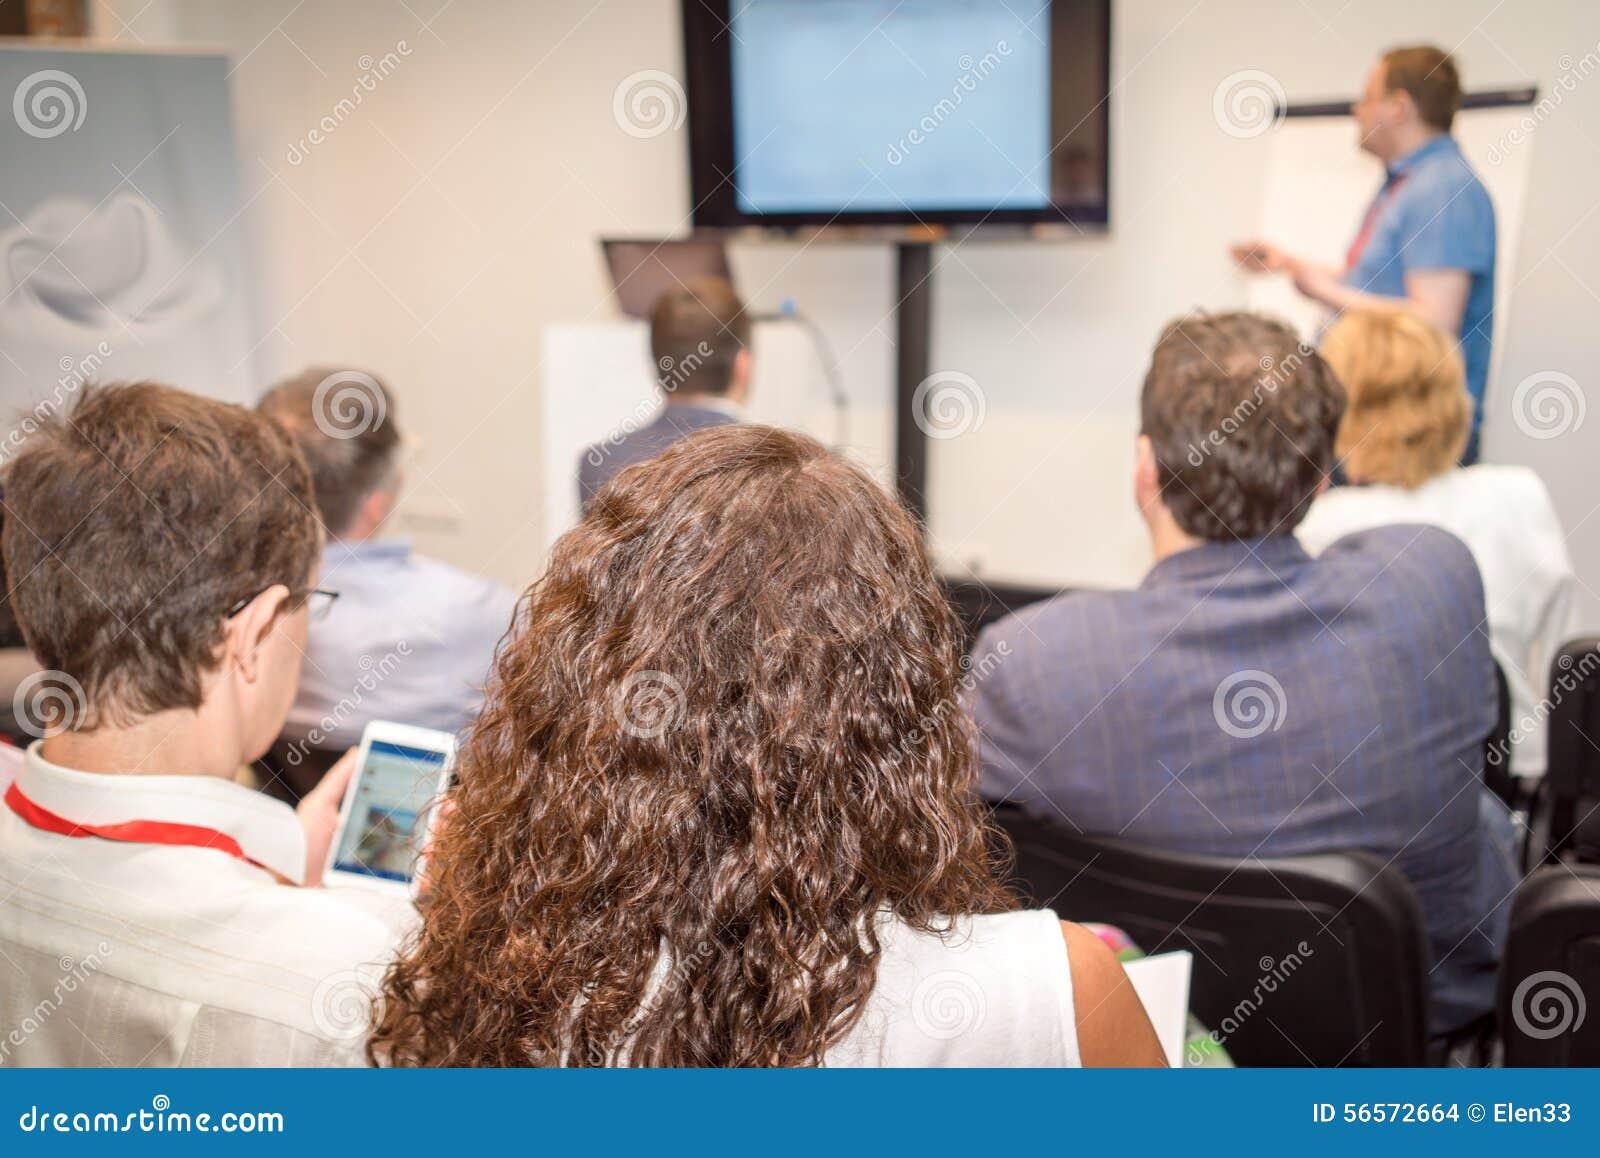 Download γραφείο διασκέψεων επιχειρησιακών εδρών που απομονώνεται πέρα από το λευκό Εκδοτική Στοκ Εικόνα - εικόνα από εκπαίδευση, διάσκεψη: 56572664